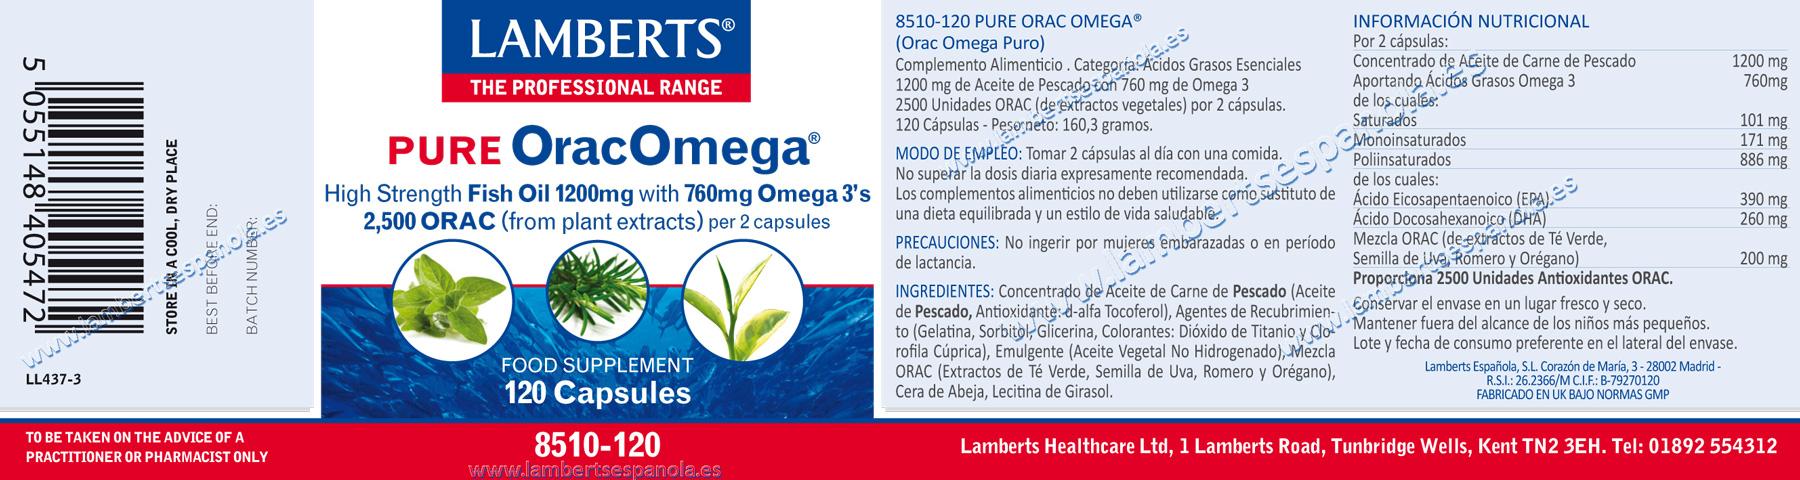 ORAC Omega